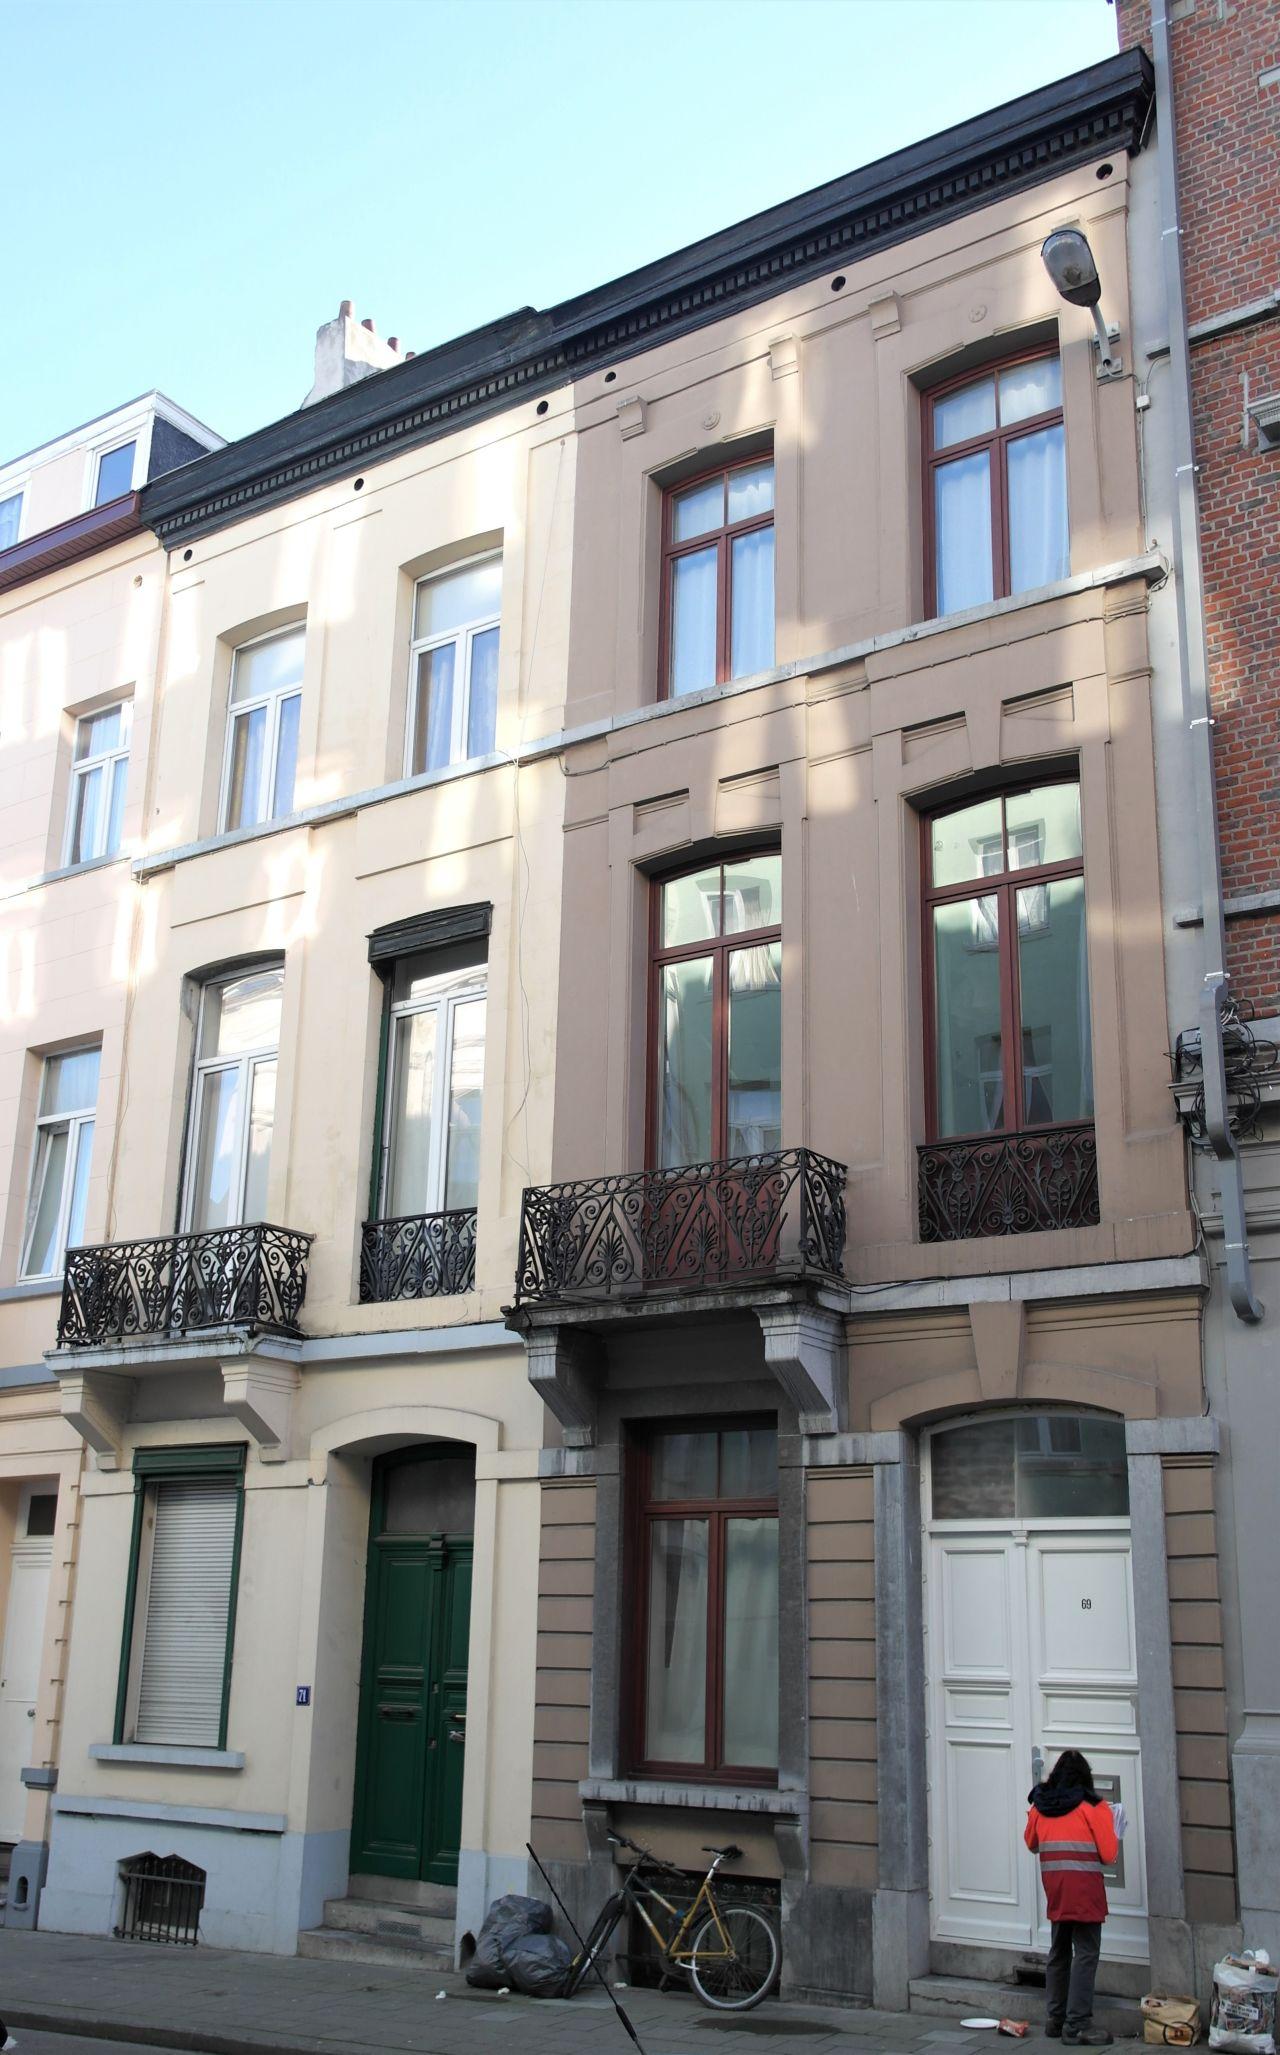 Rue de Spa 69, 71, 2020